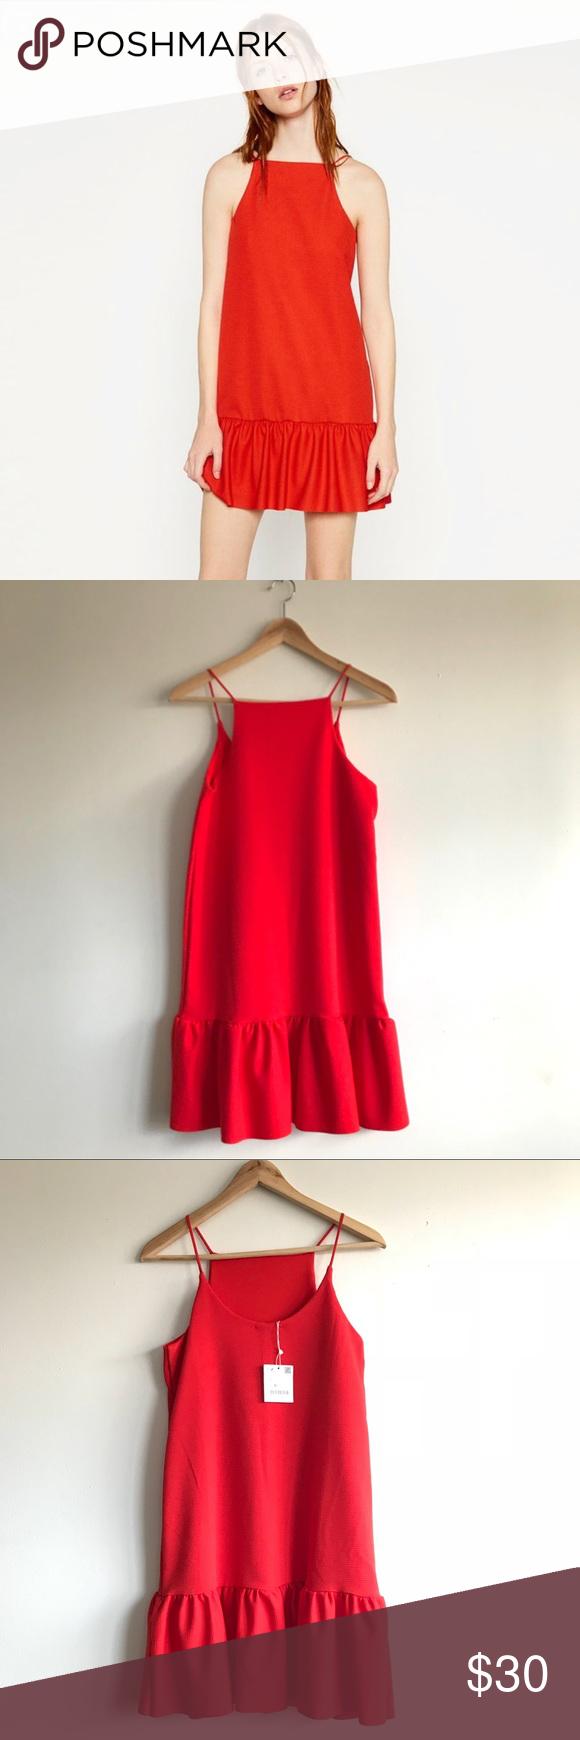 Nwt zara red dress with ruffle hem nwt in my posh picks